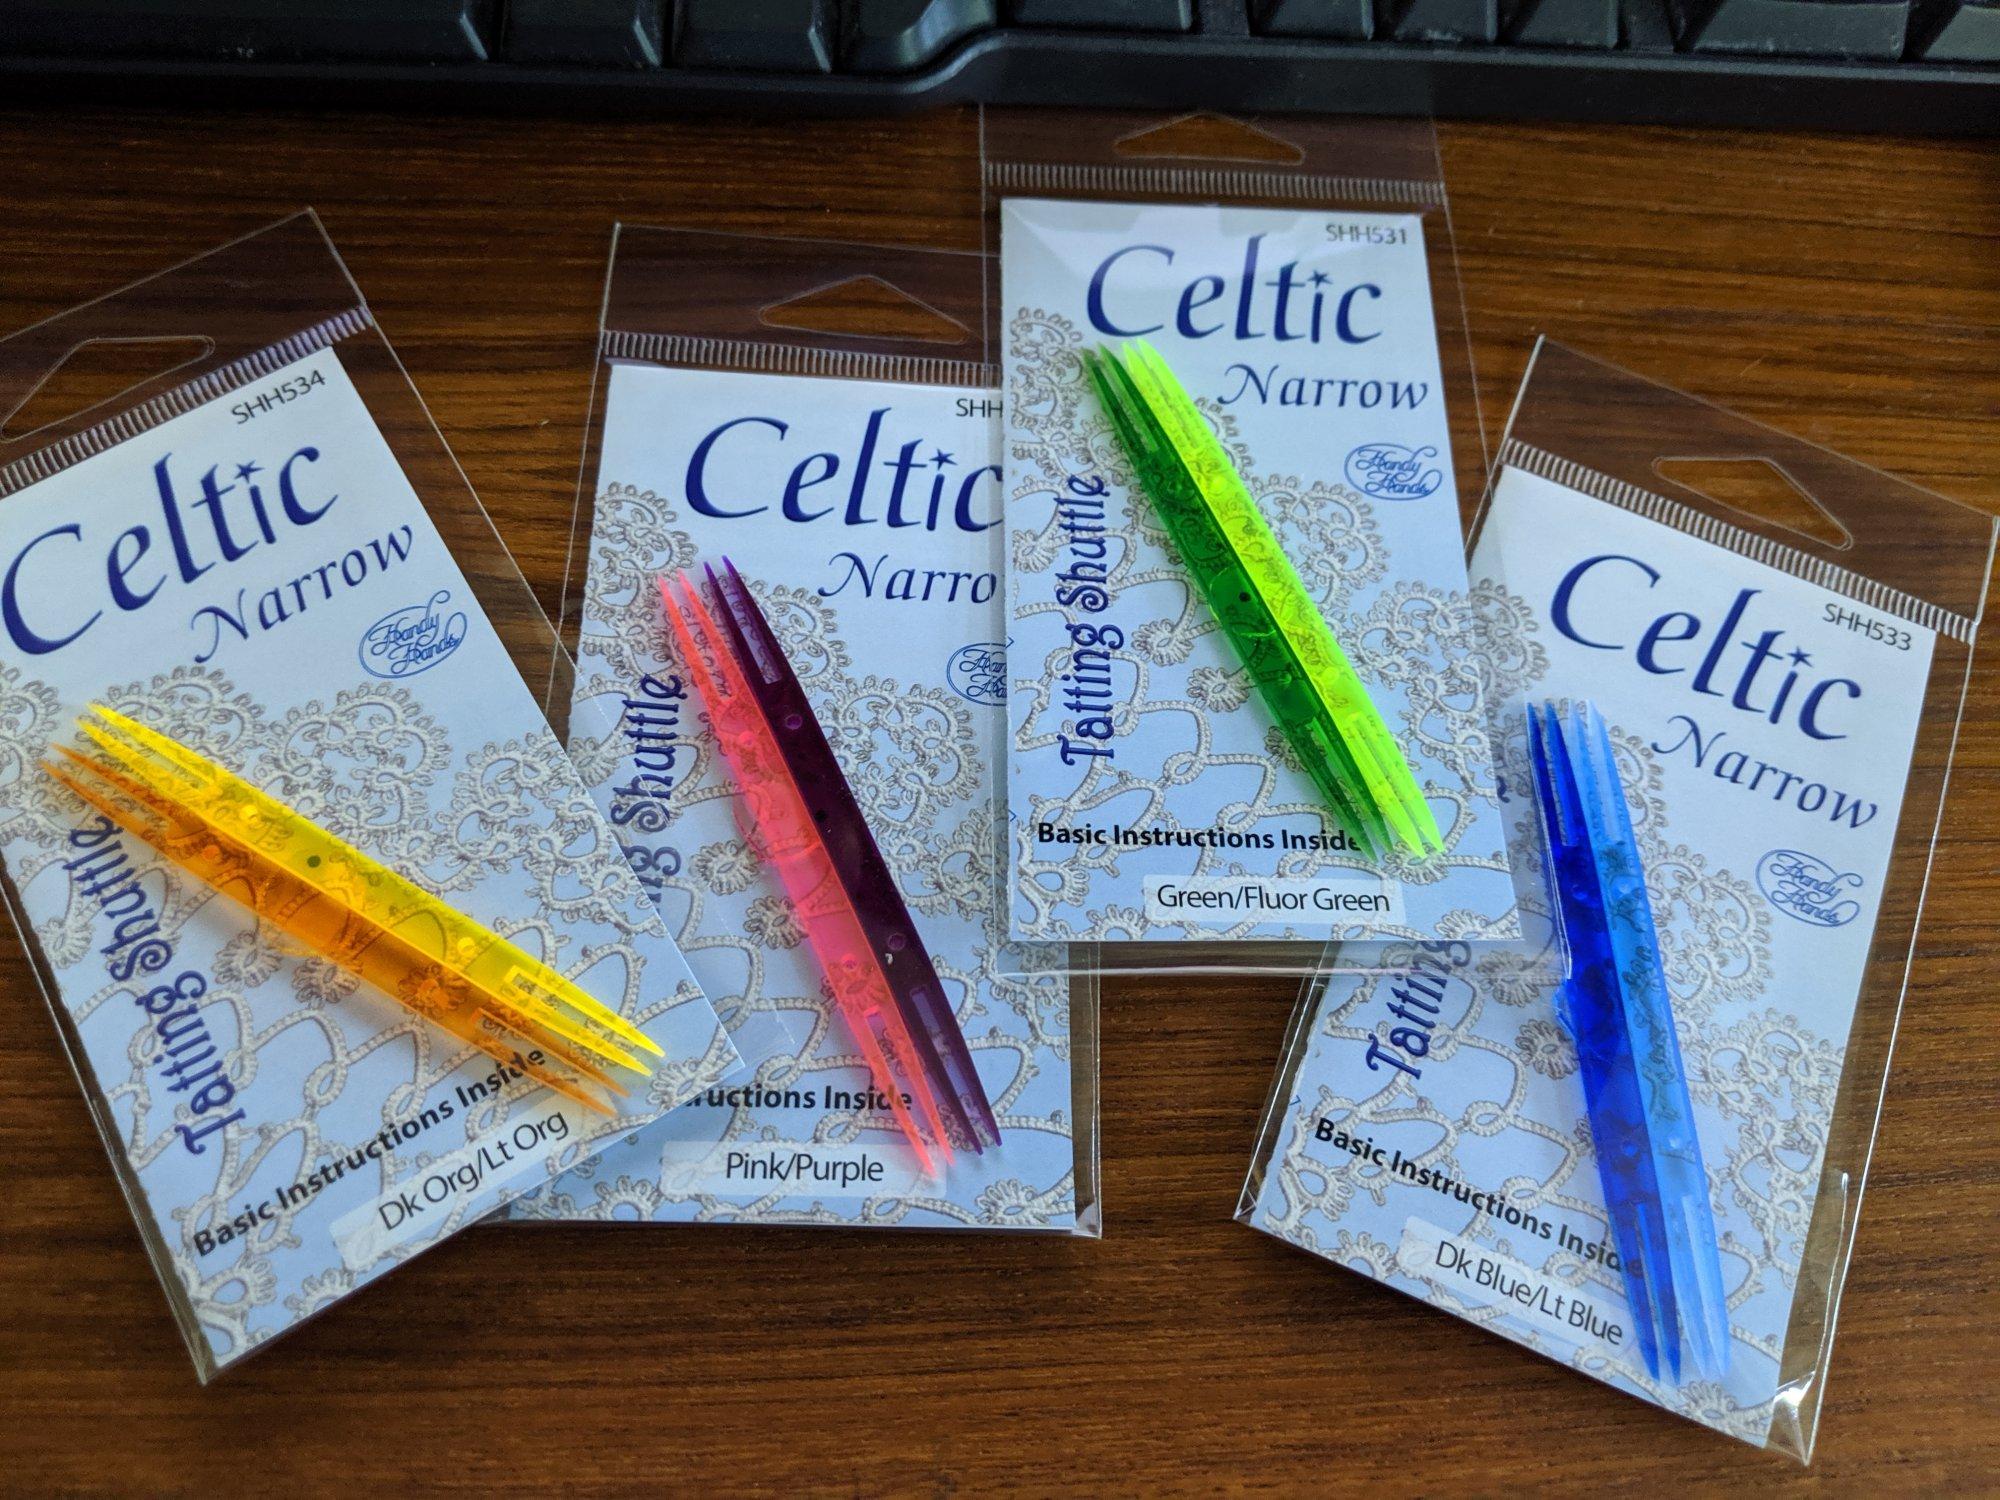 Celtic Tatting Shuttle